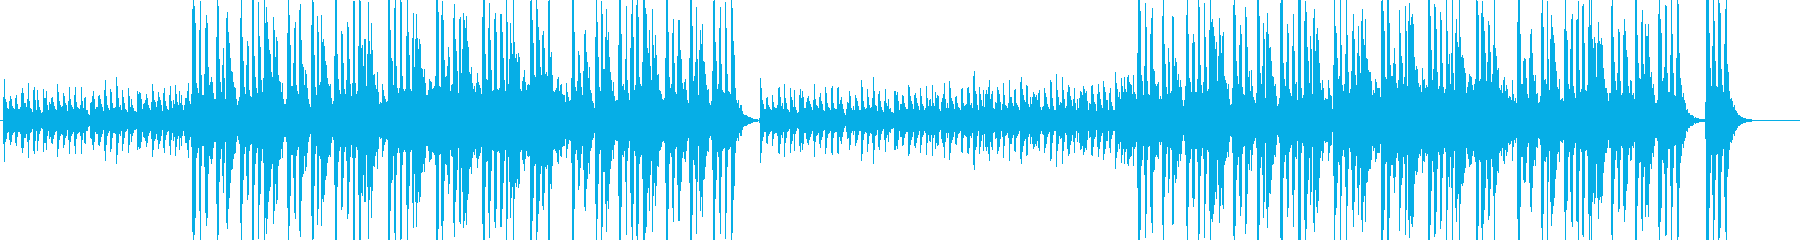 ハッピーで明るく楽しい 口笛&ウクレレの再生済みの波形